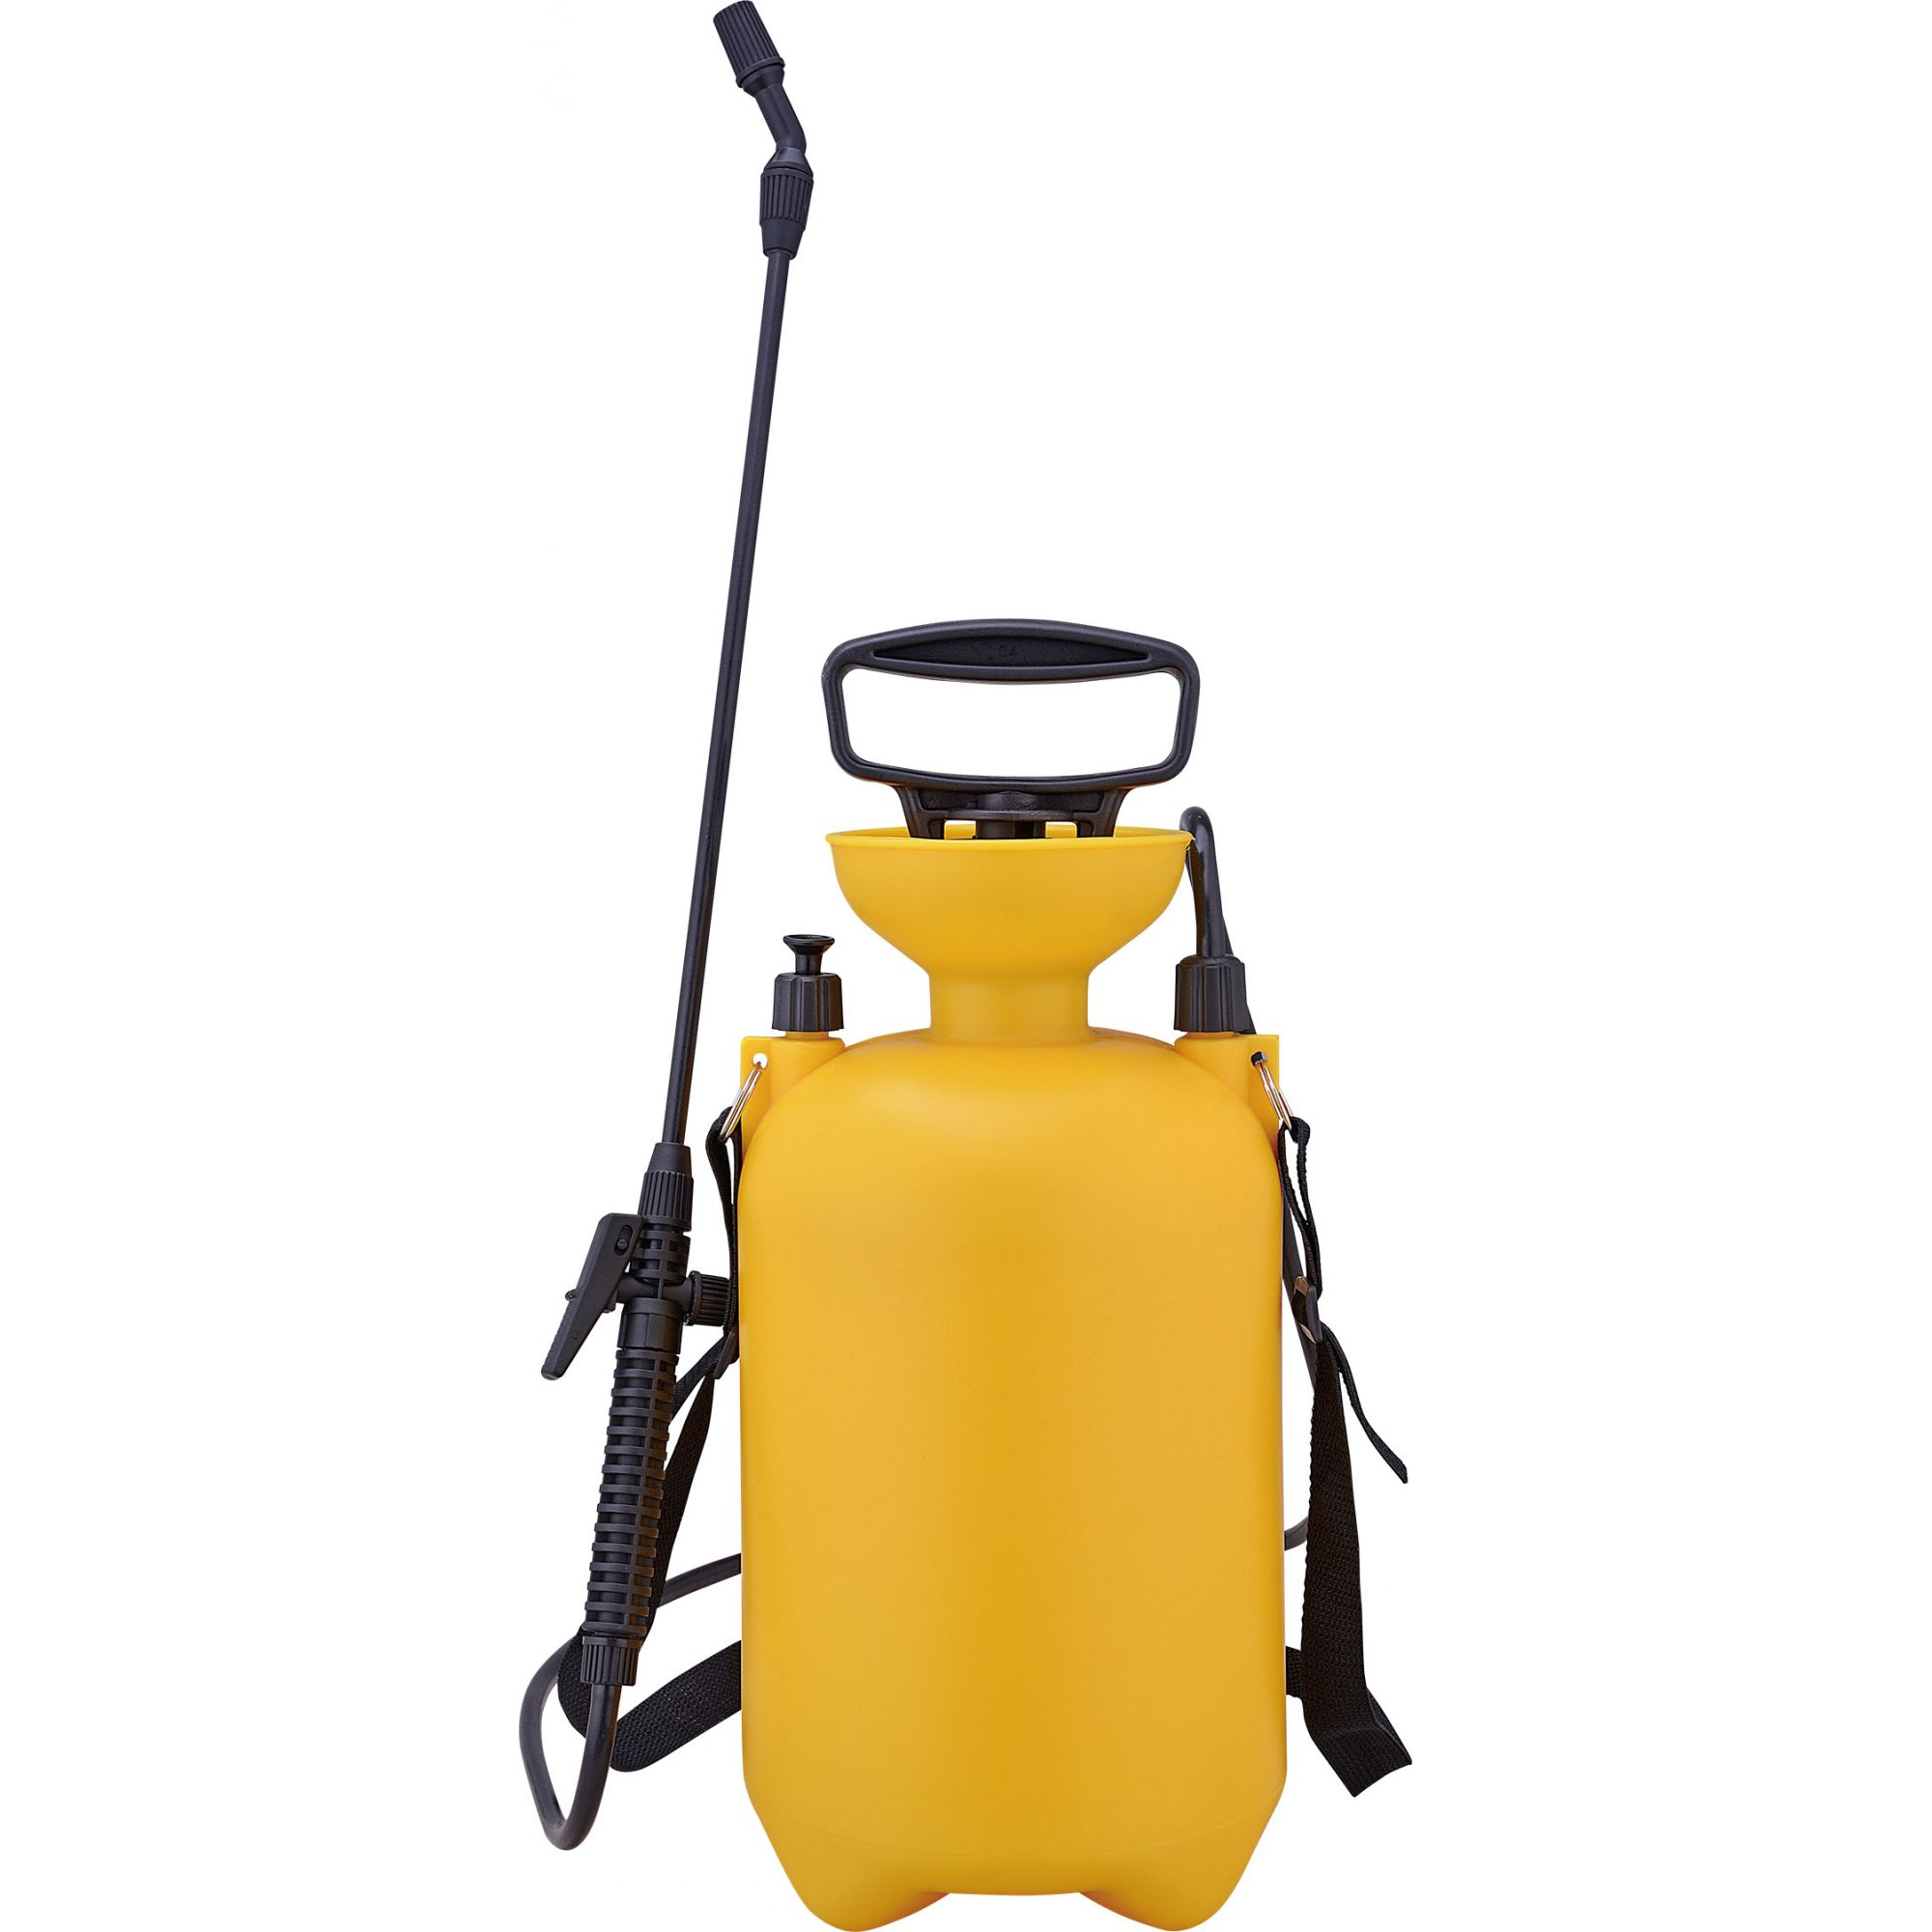 Pulverizador Manual 5 Litros com Bomba Fertak Tools